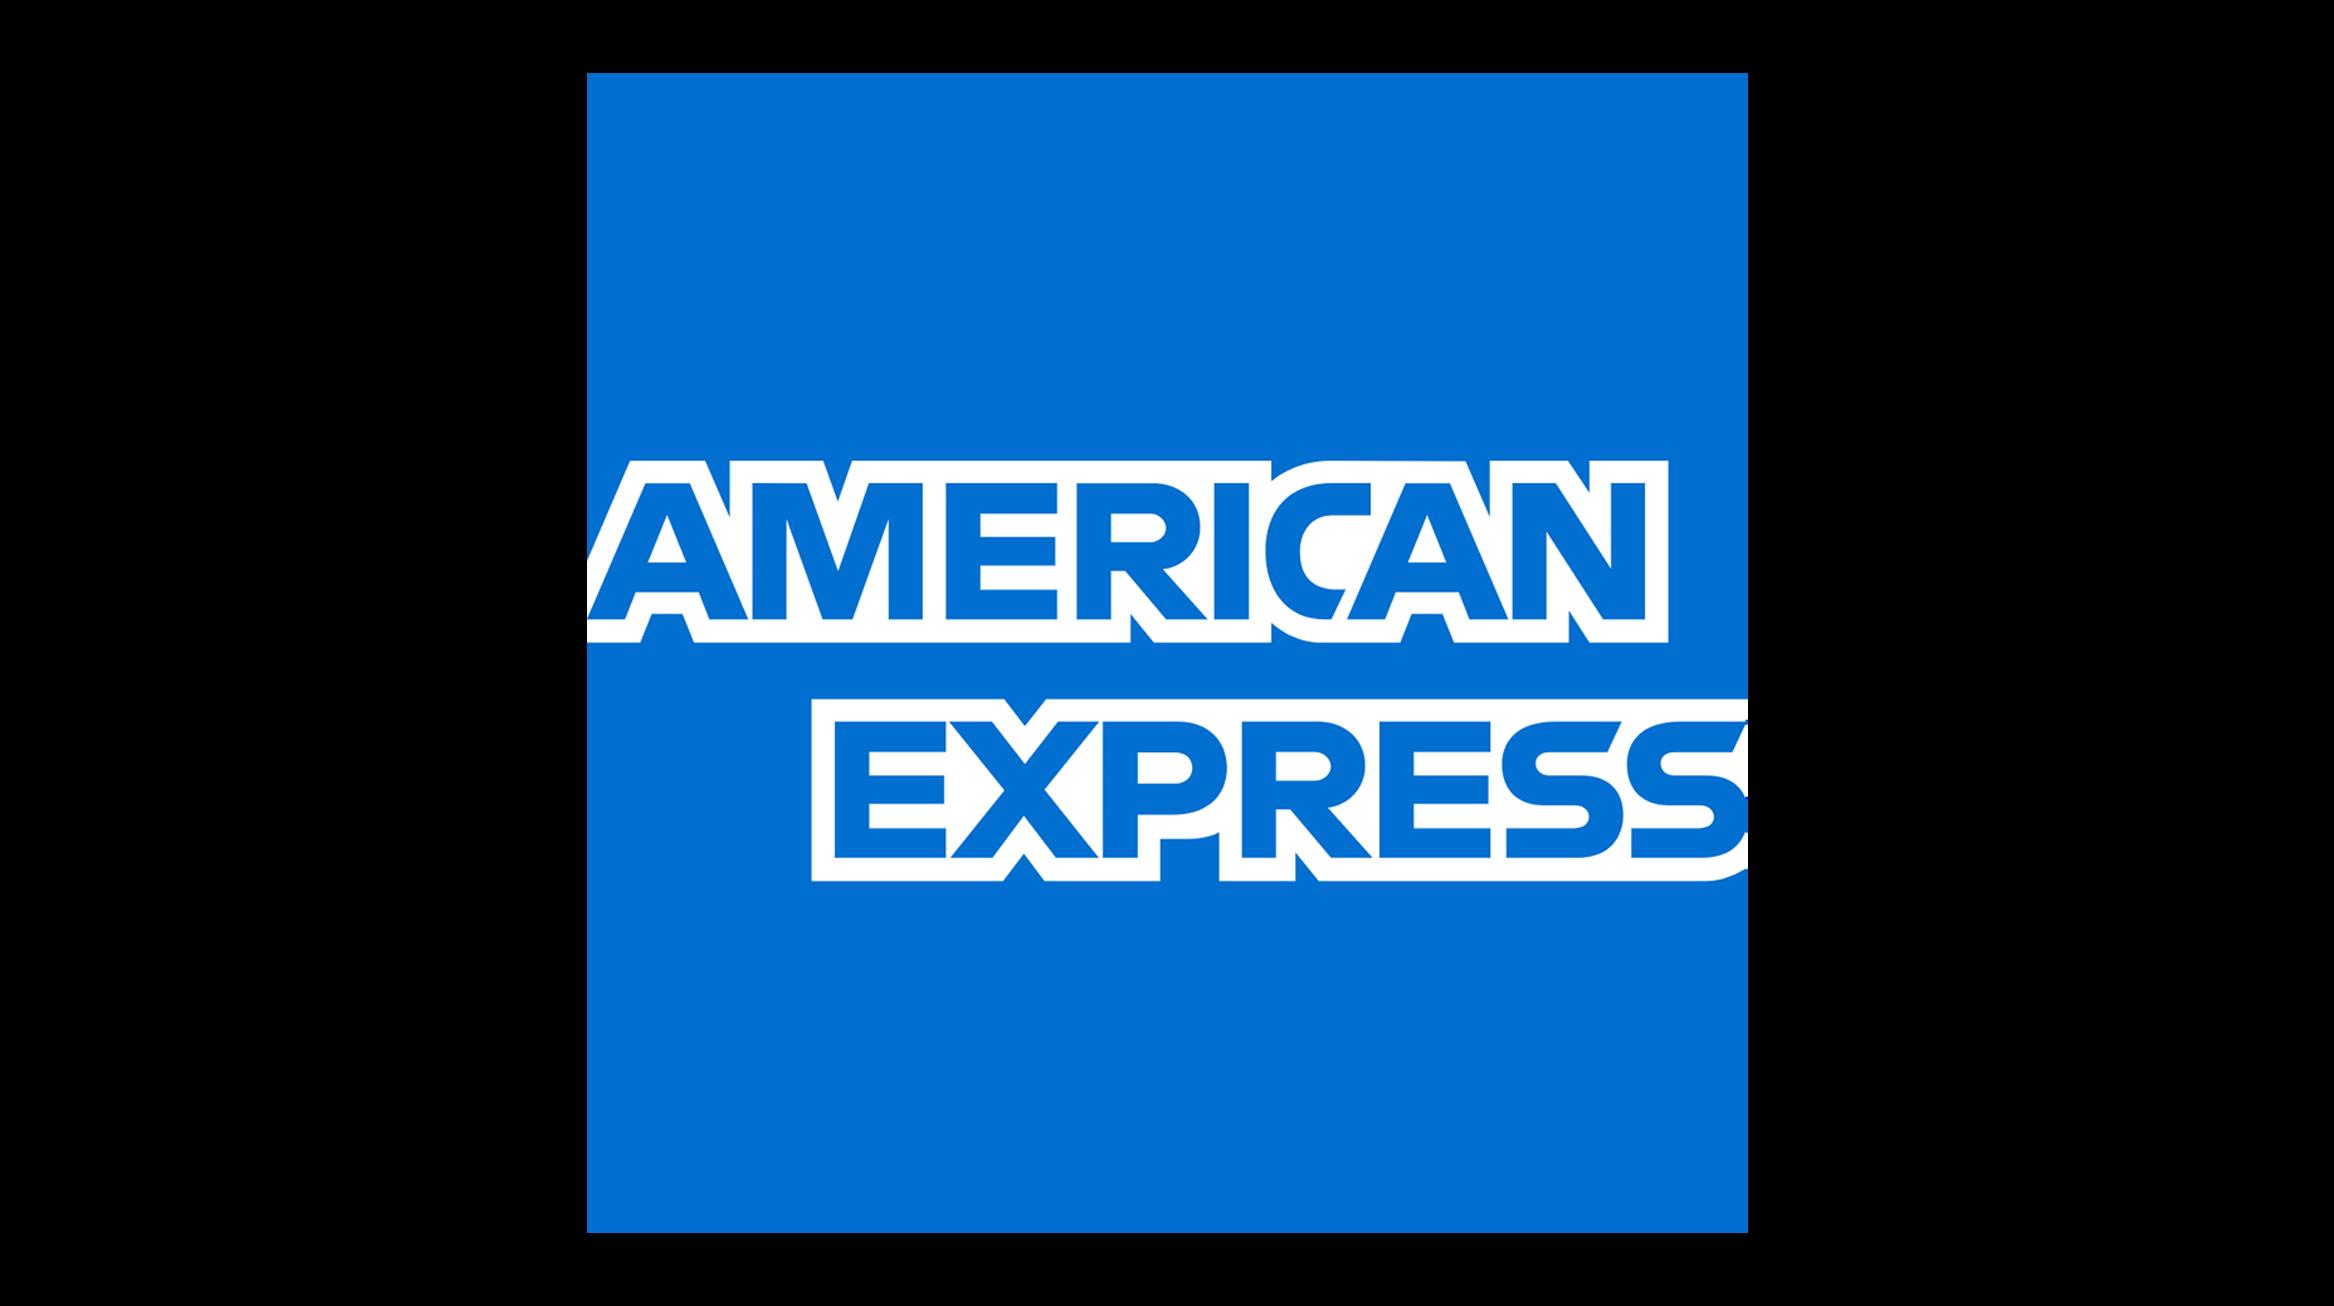 logos_amex